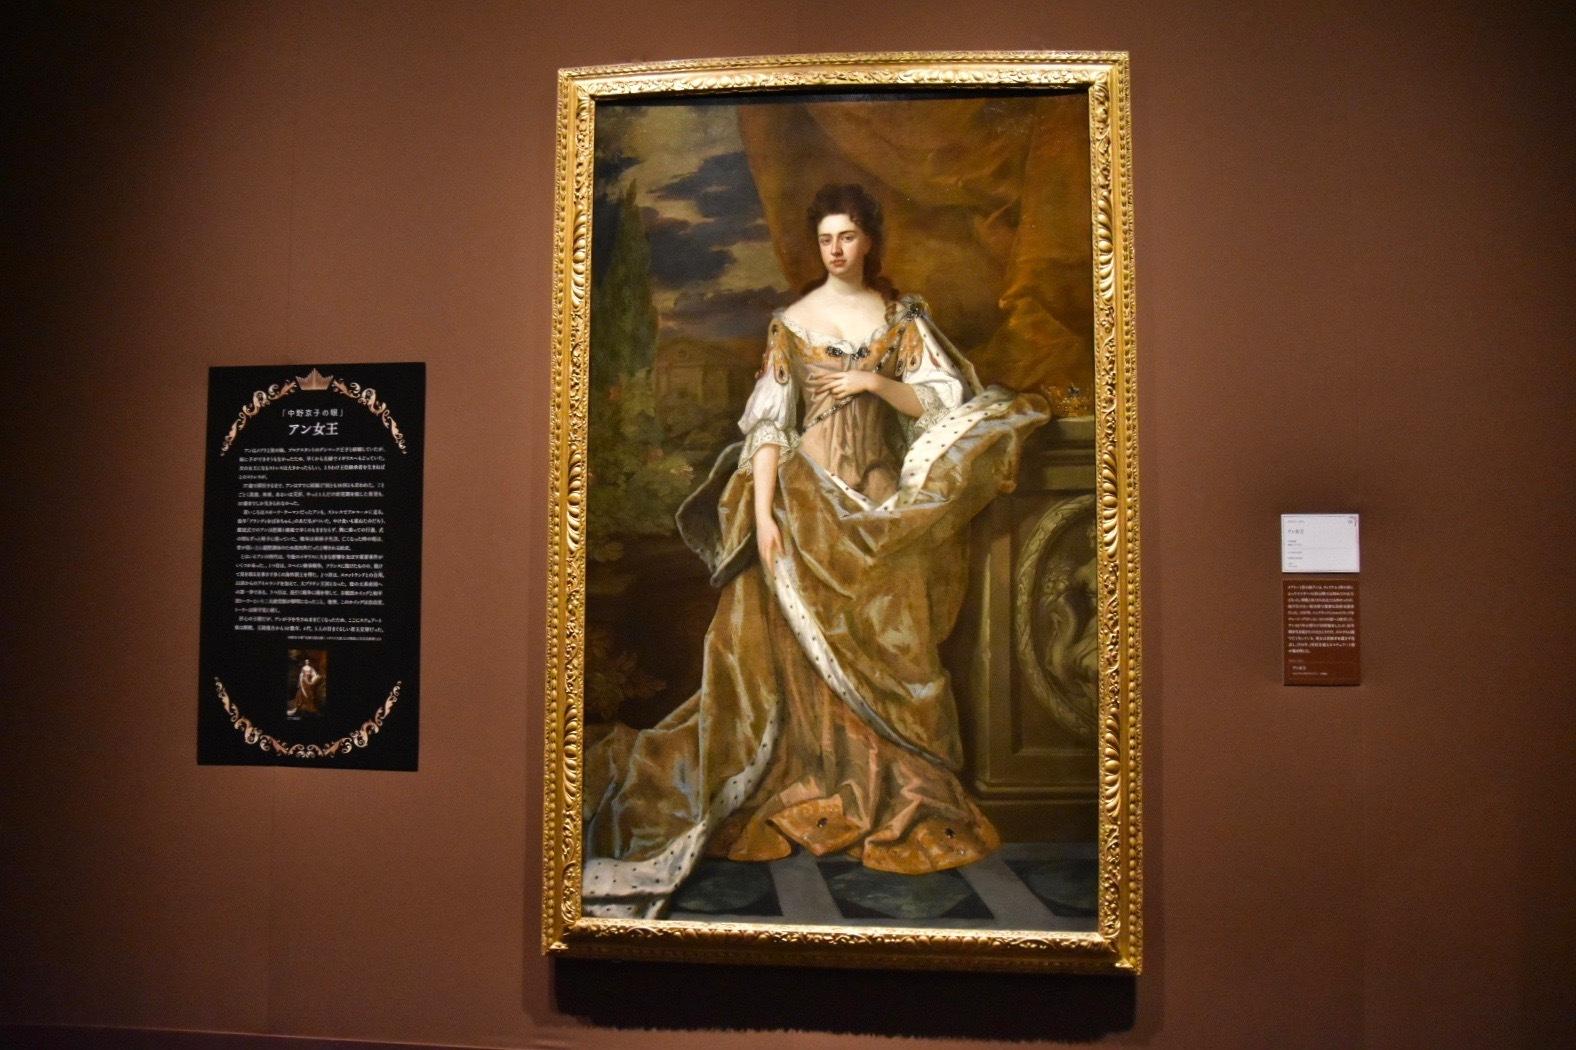 ゴドフリー・ネラー《アン女王》1690年頃